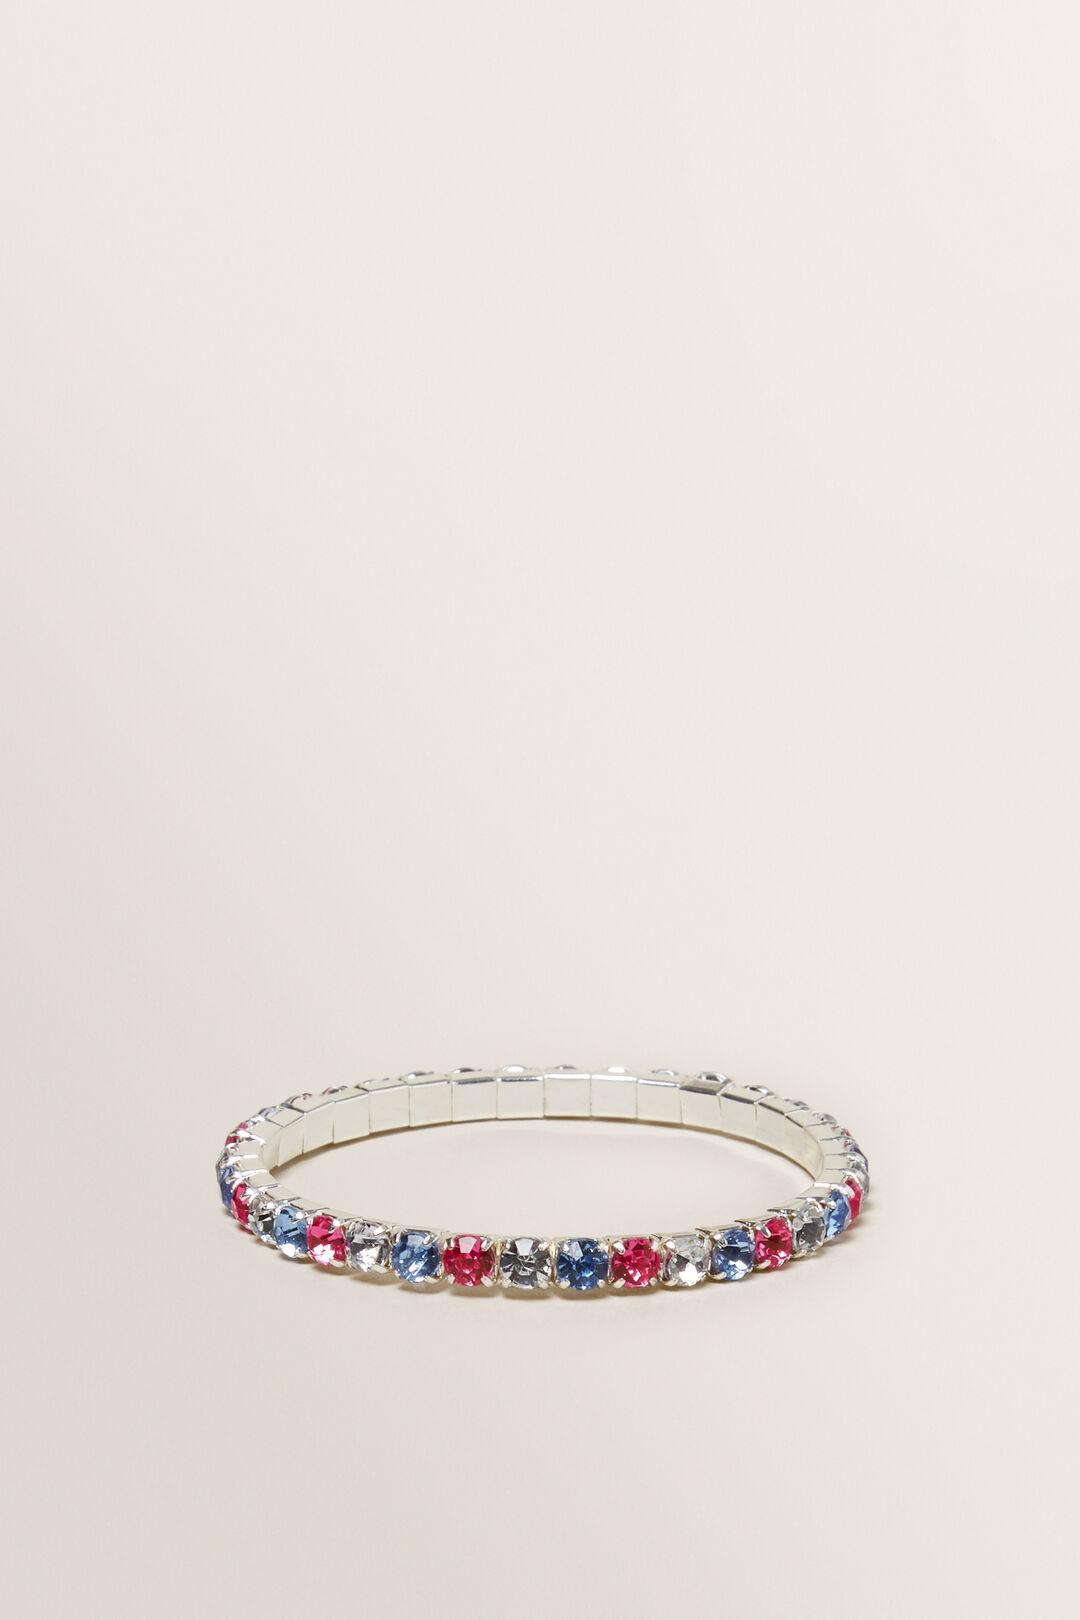 Diamante Stretch Bracelet  Multi  hi-res